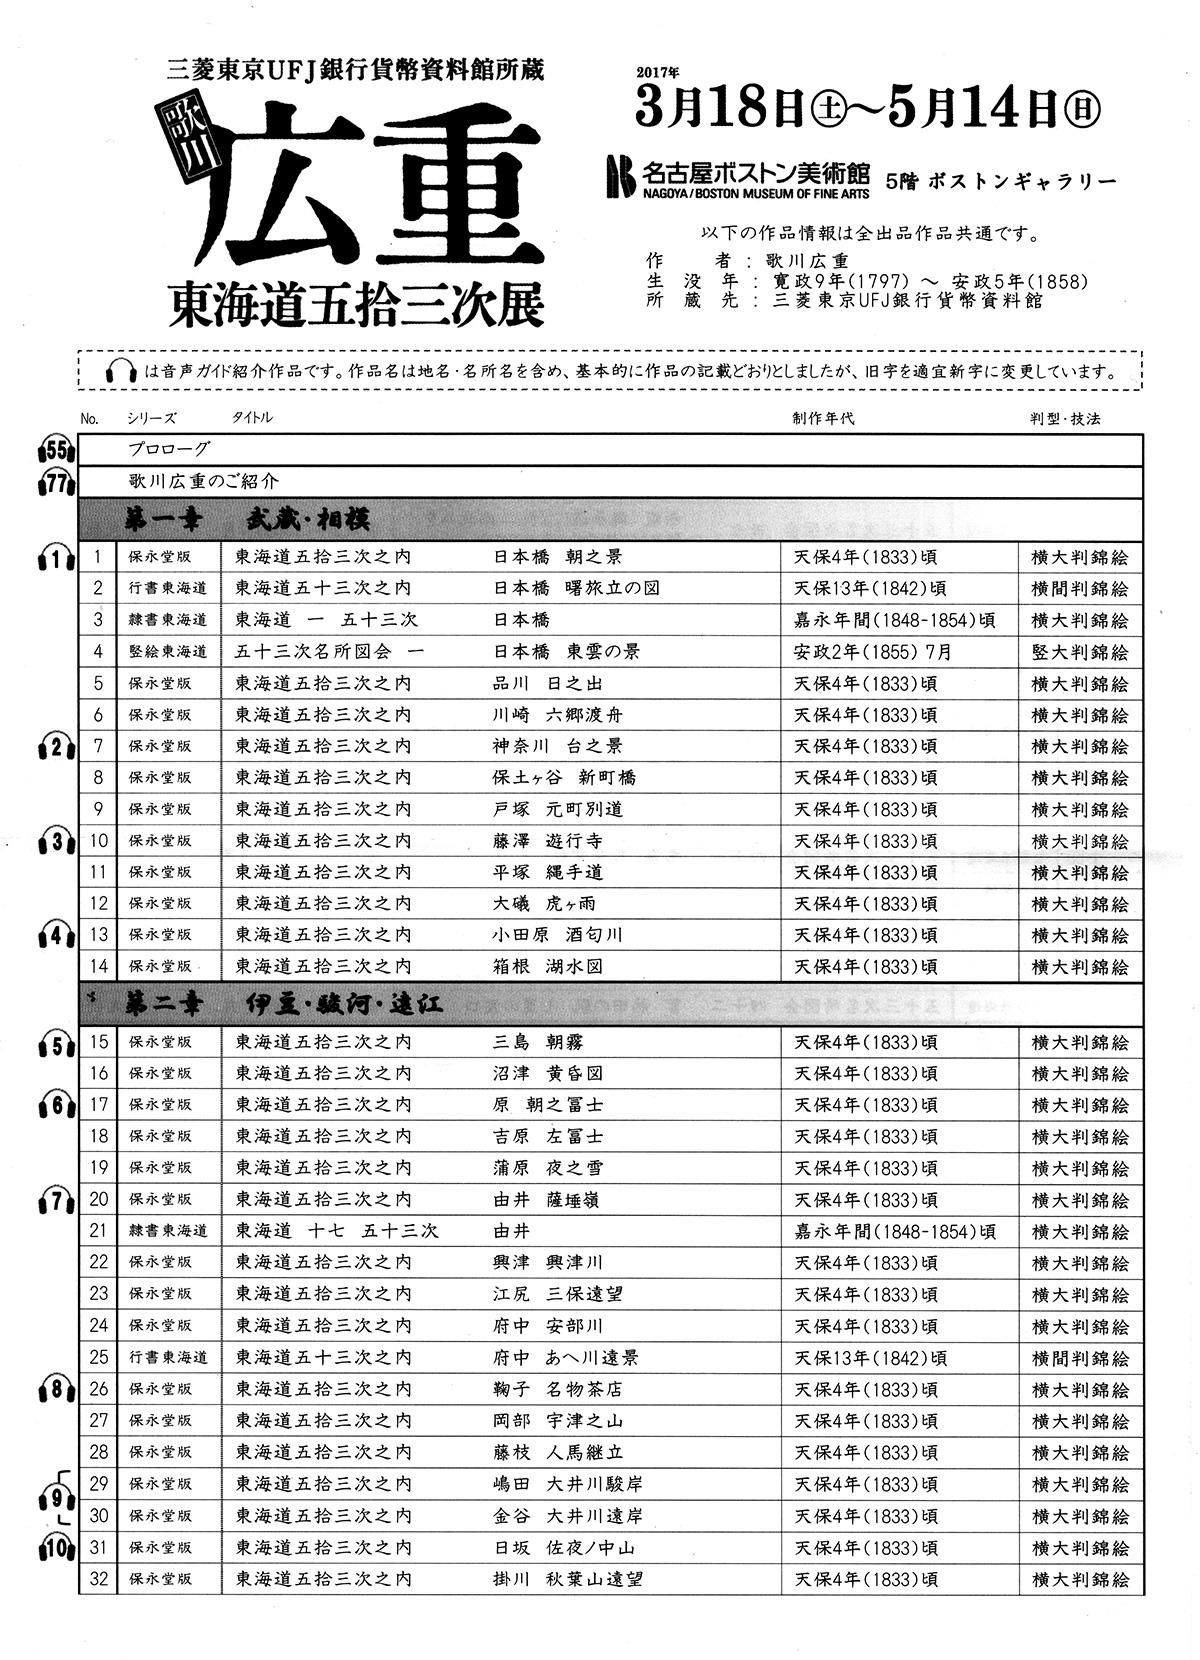 170507_hiroshige6s.jpg